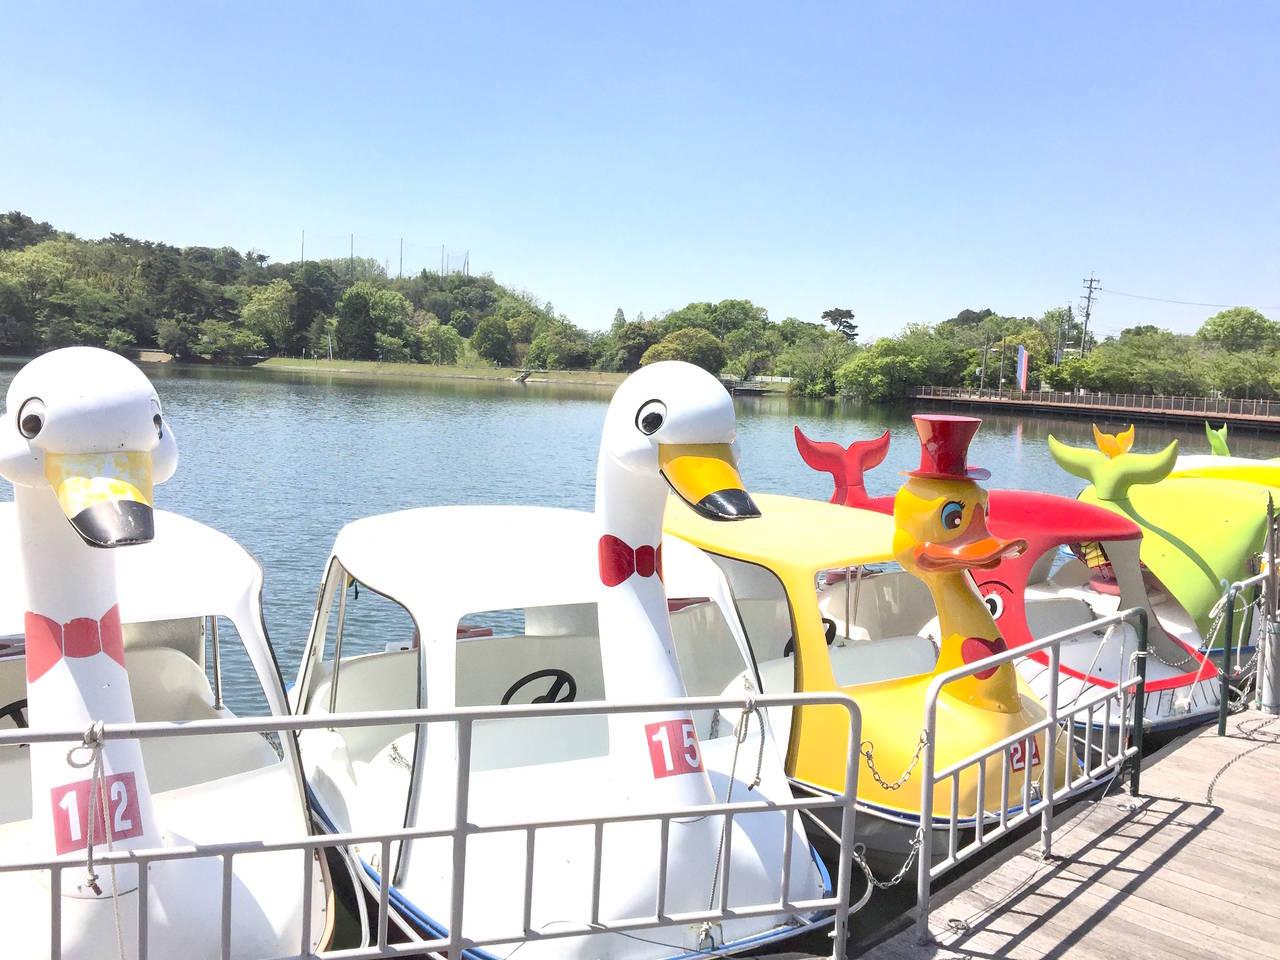 【愛知】自然に囲まれた公園でボートに乗ろう「鞍ケ池公園」